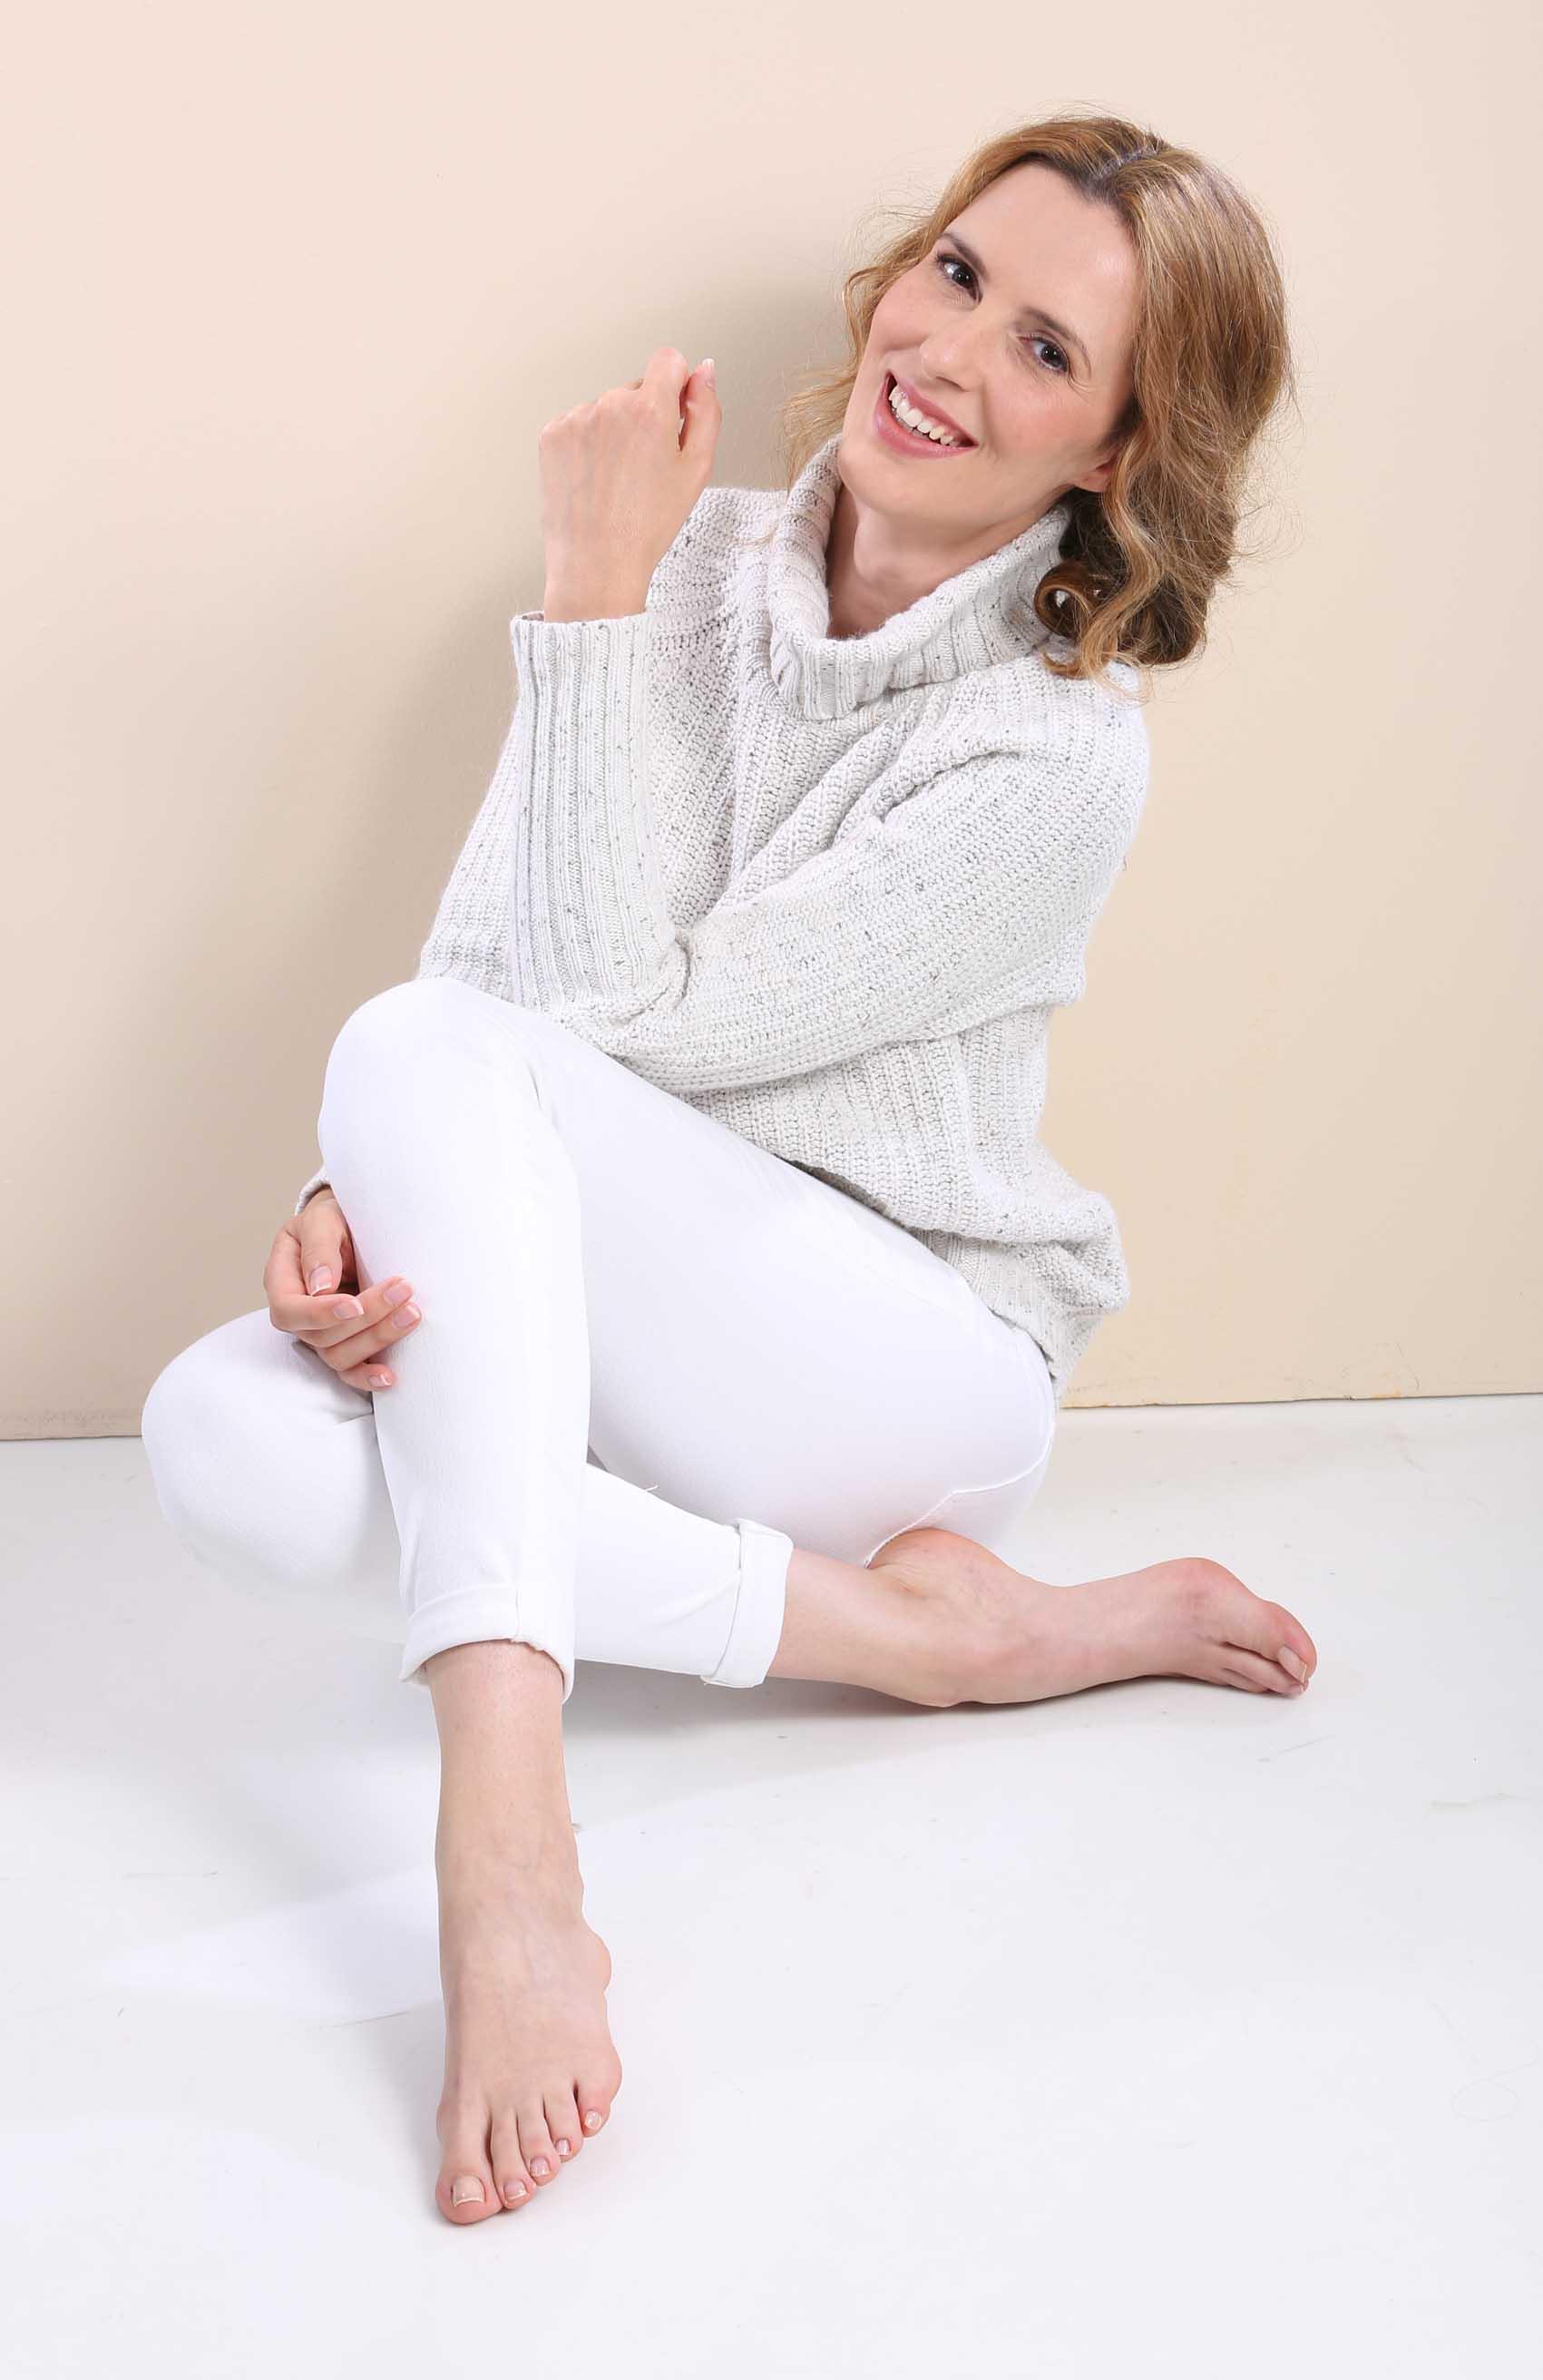 StephanieLangner08.jpg